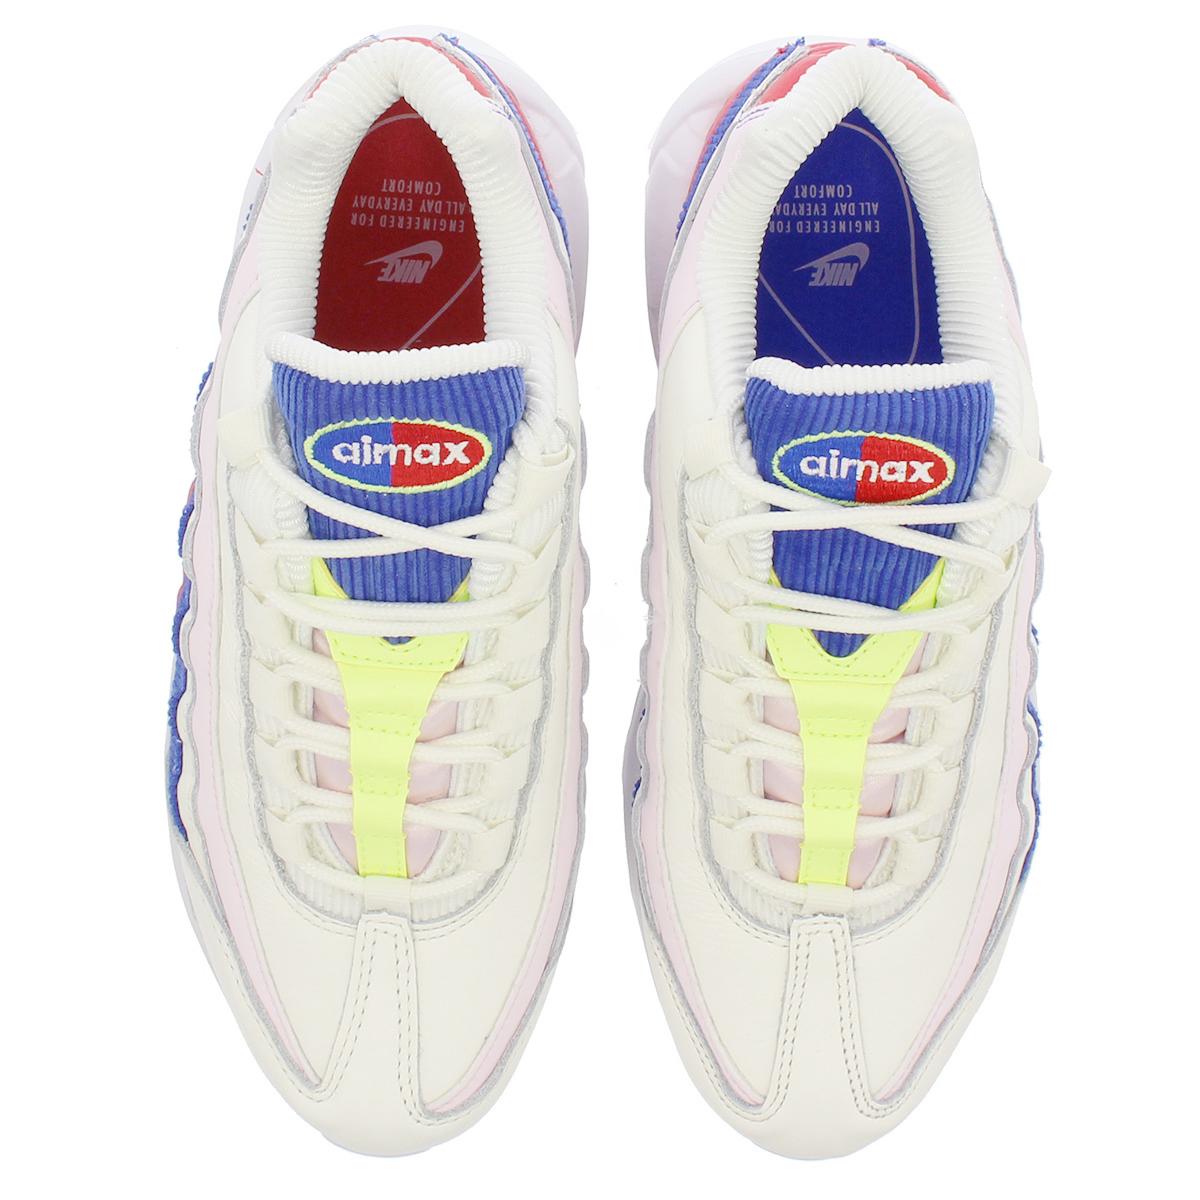 665a620daf3075 NIKE WMNS AIR MAX 95 SE Nike women Air Max 95 SE SAIL ARCTIC PINK RACER  BLUE aq4138-101